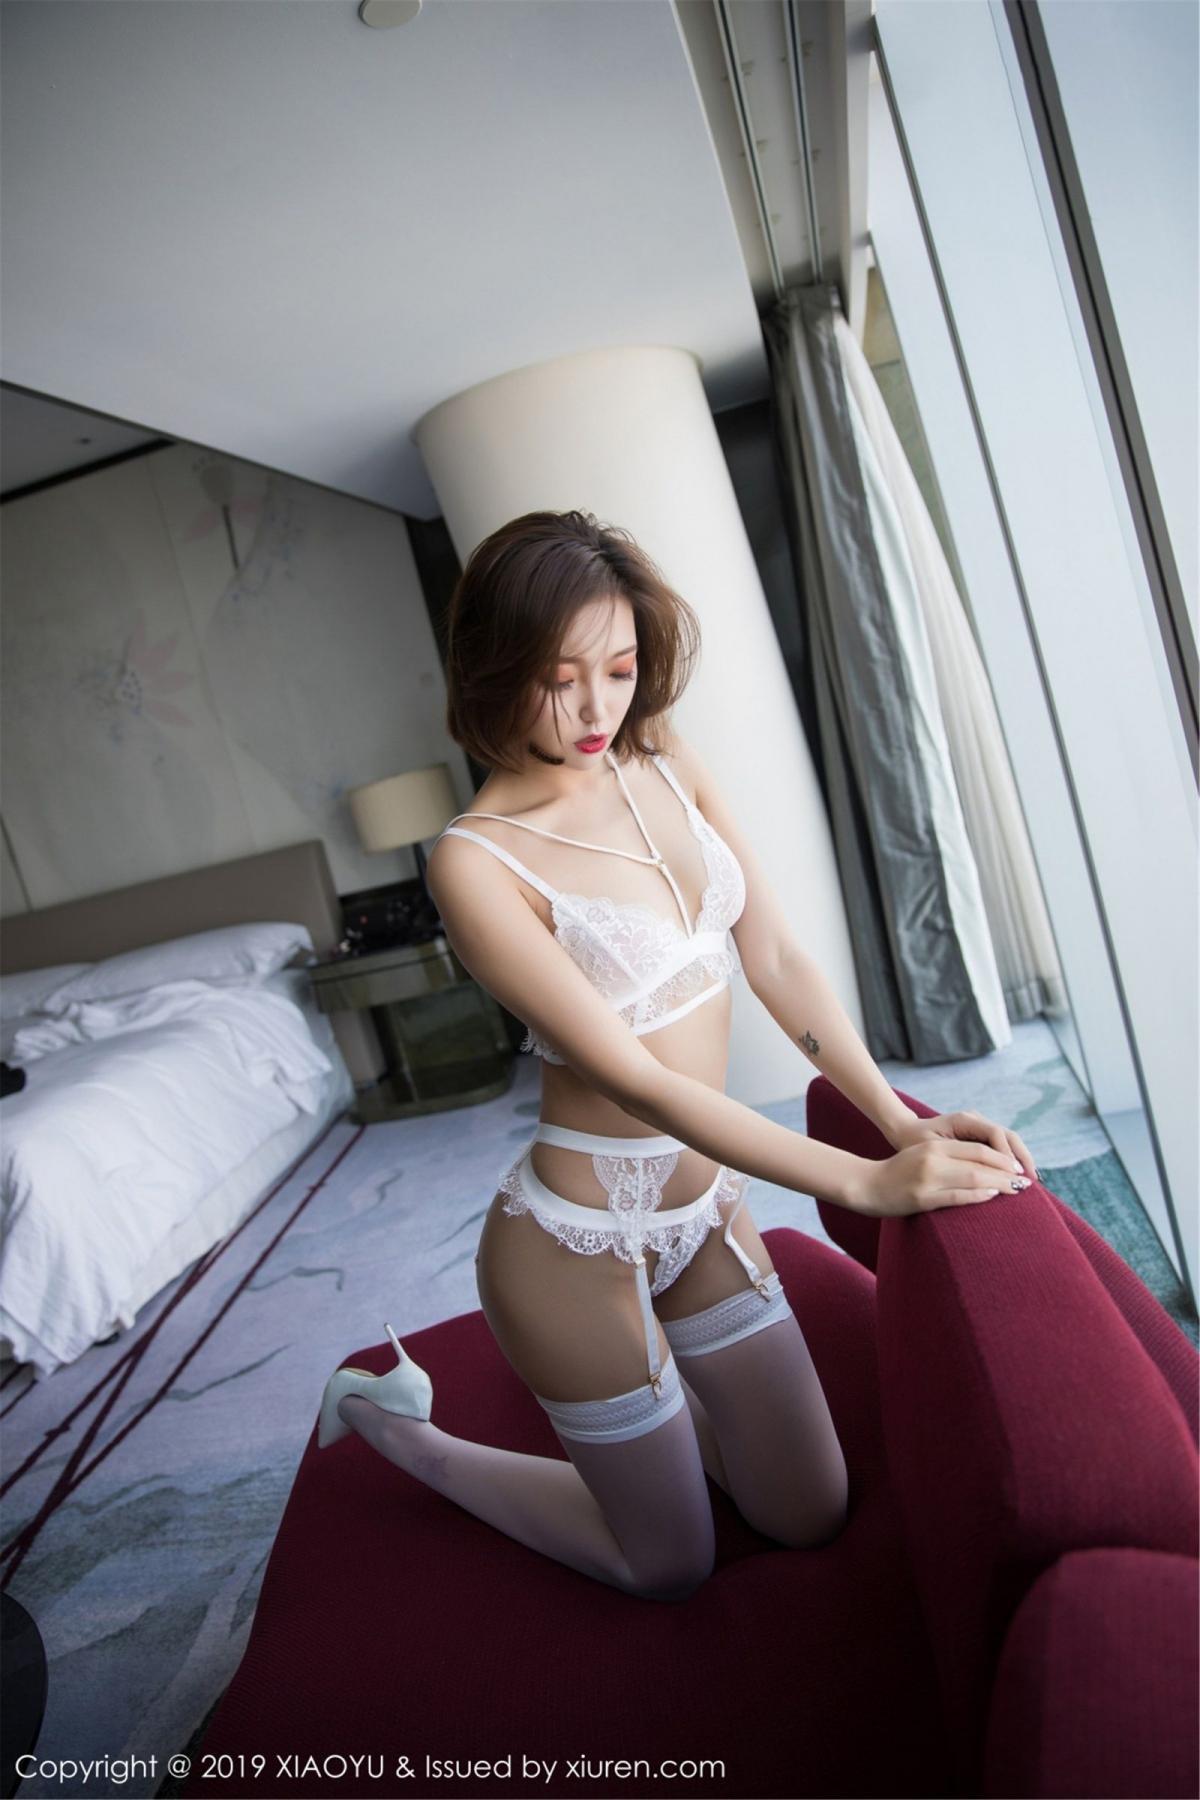 [XiaoYu] Vol.053 Lris 30P, Feng Mu Mu, Tall, Underwear, XiaoYu